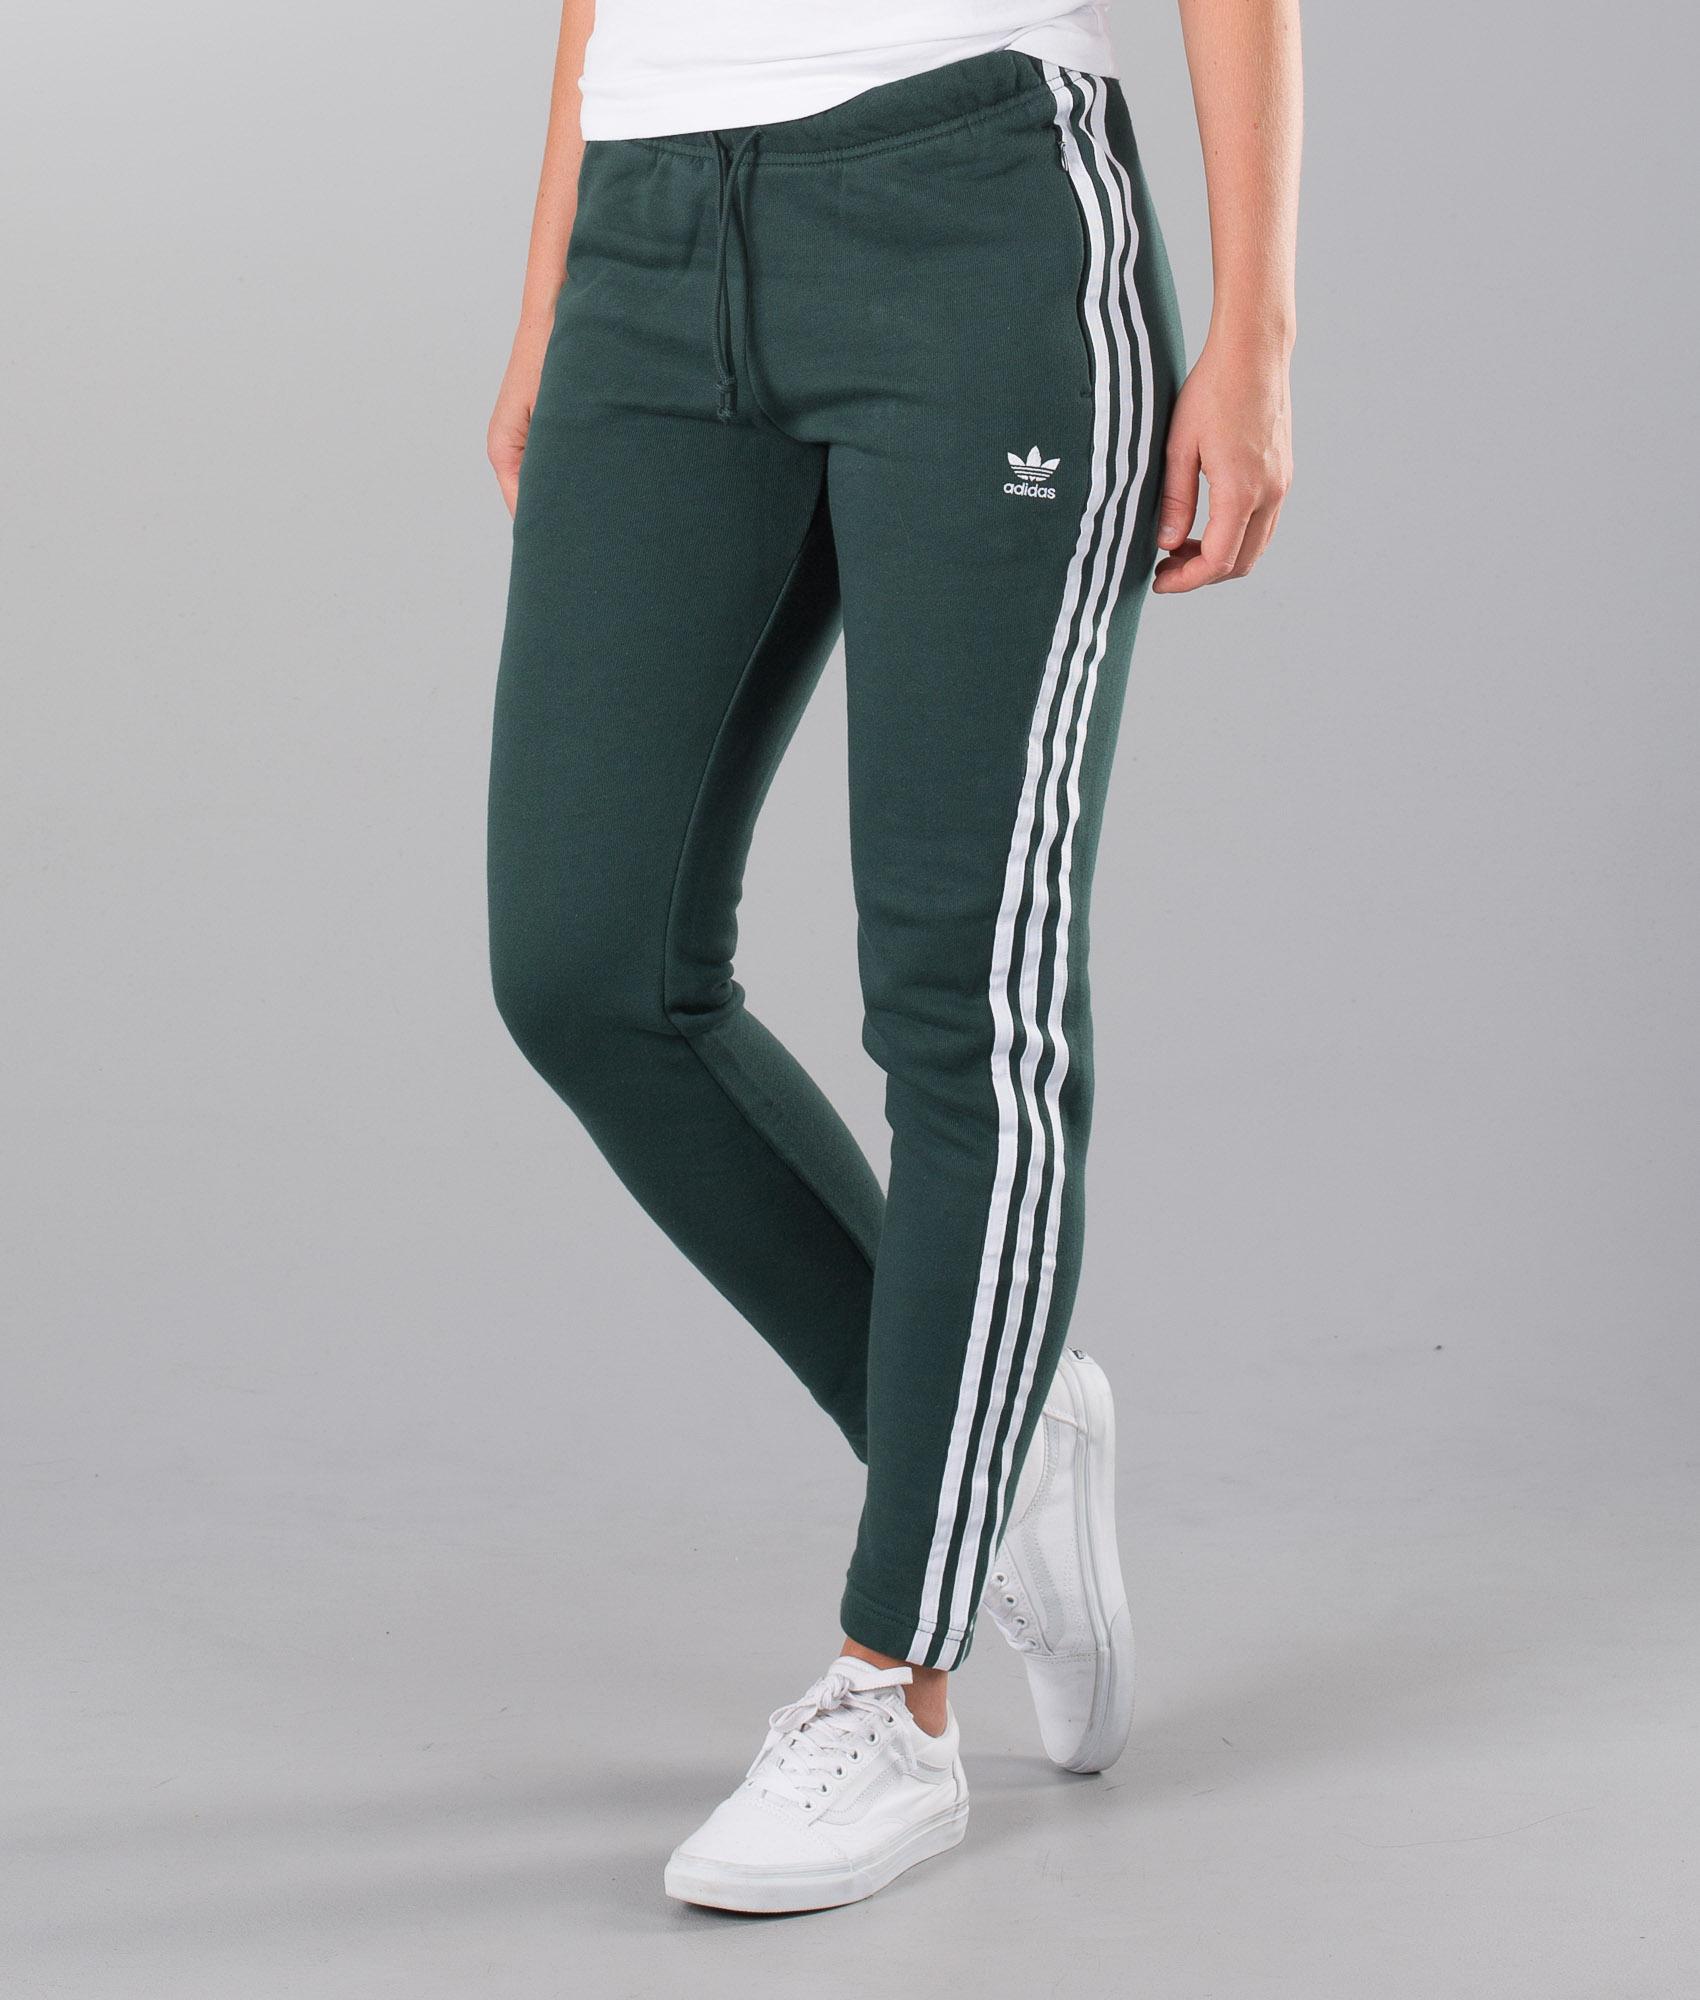 Adidas Originals Regular Tp Cuf Hosen Mineral Green